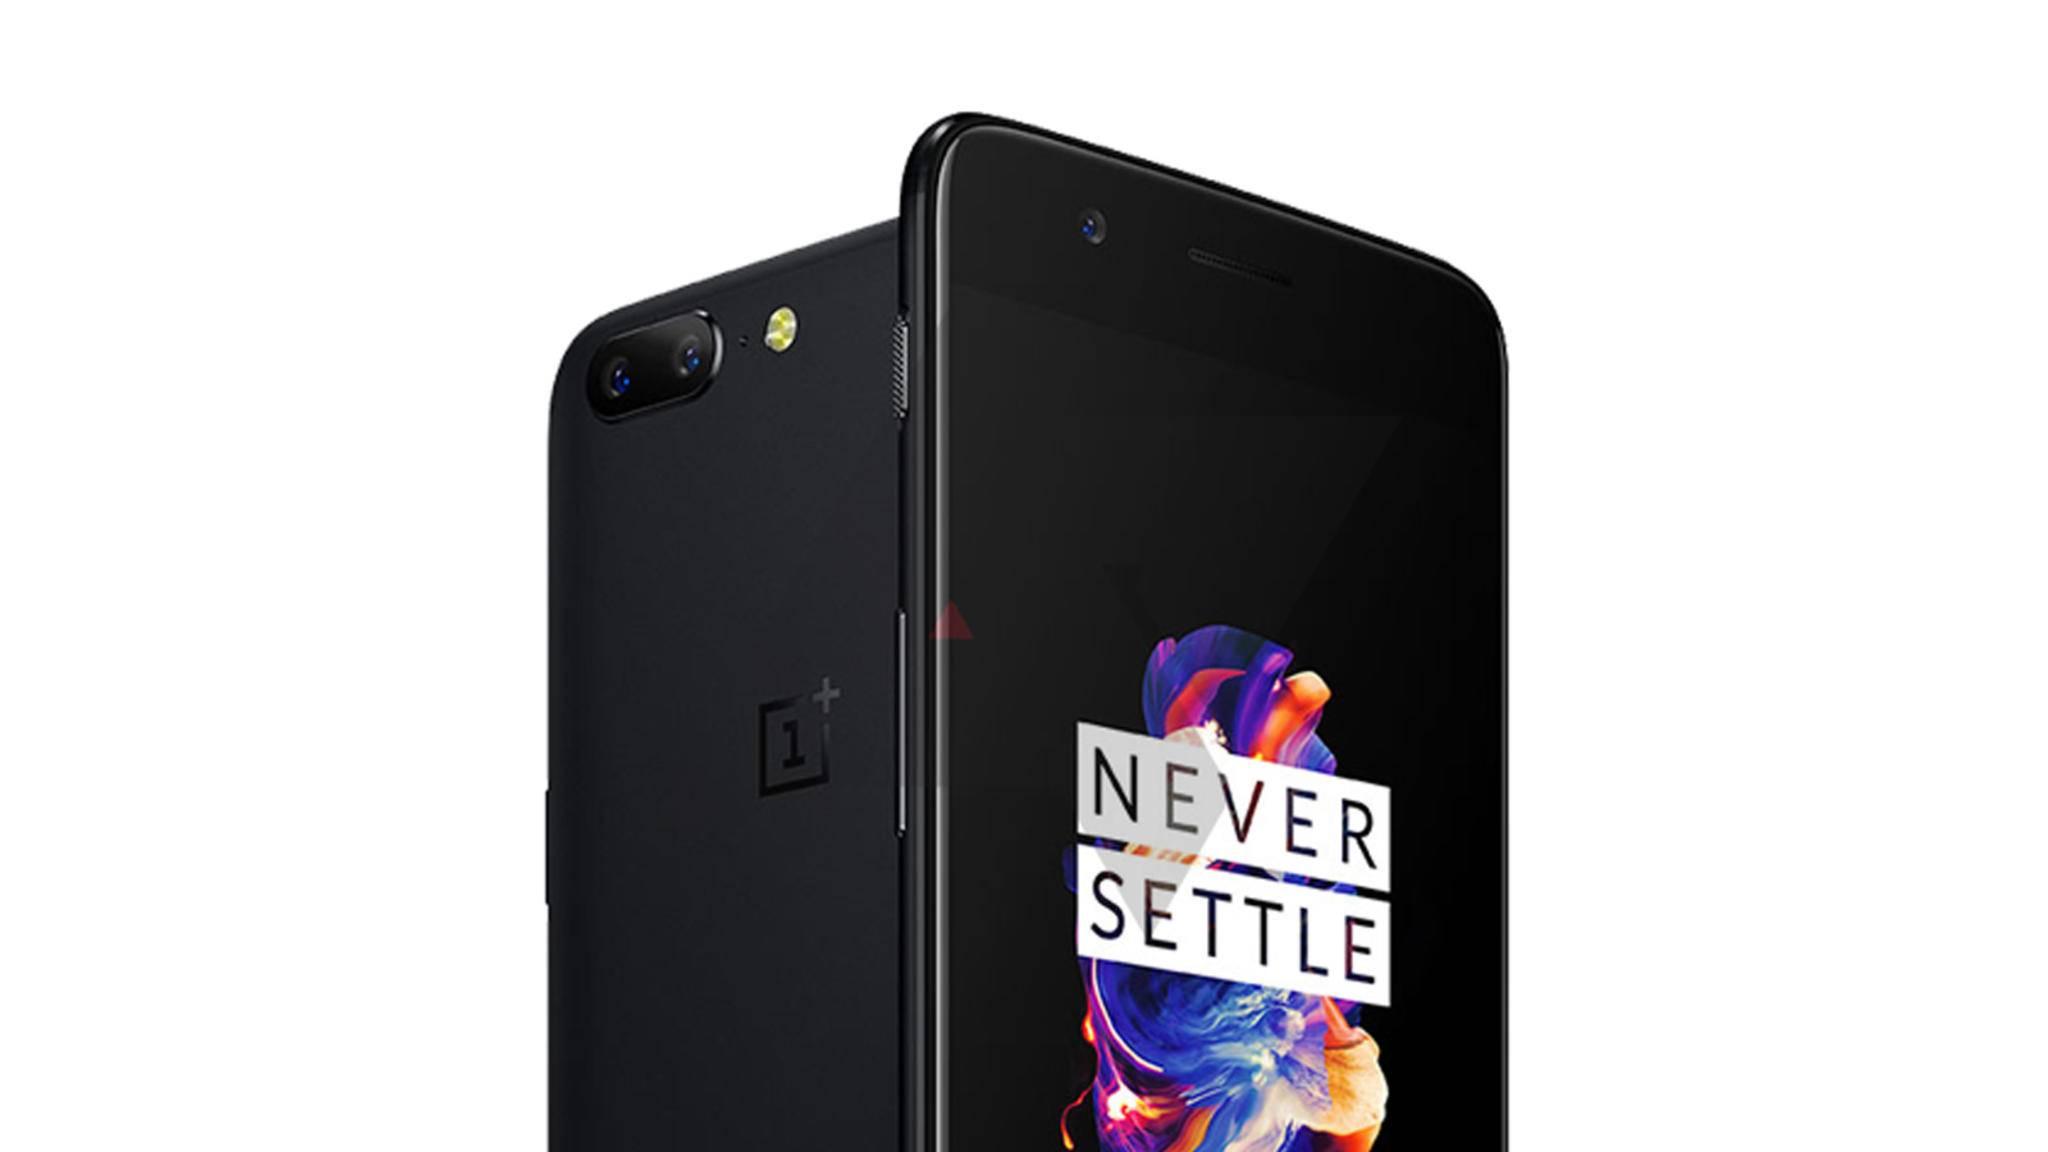 Auf dem Renderbild des OnePlus 5 sind die Ähnlichkeiten zum iPhone 7 Plus unverkennbar.